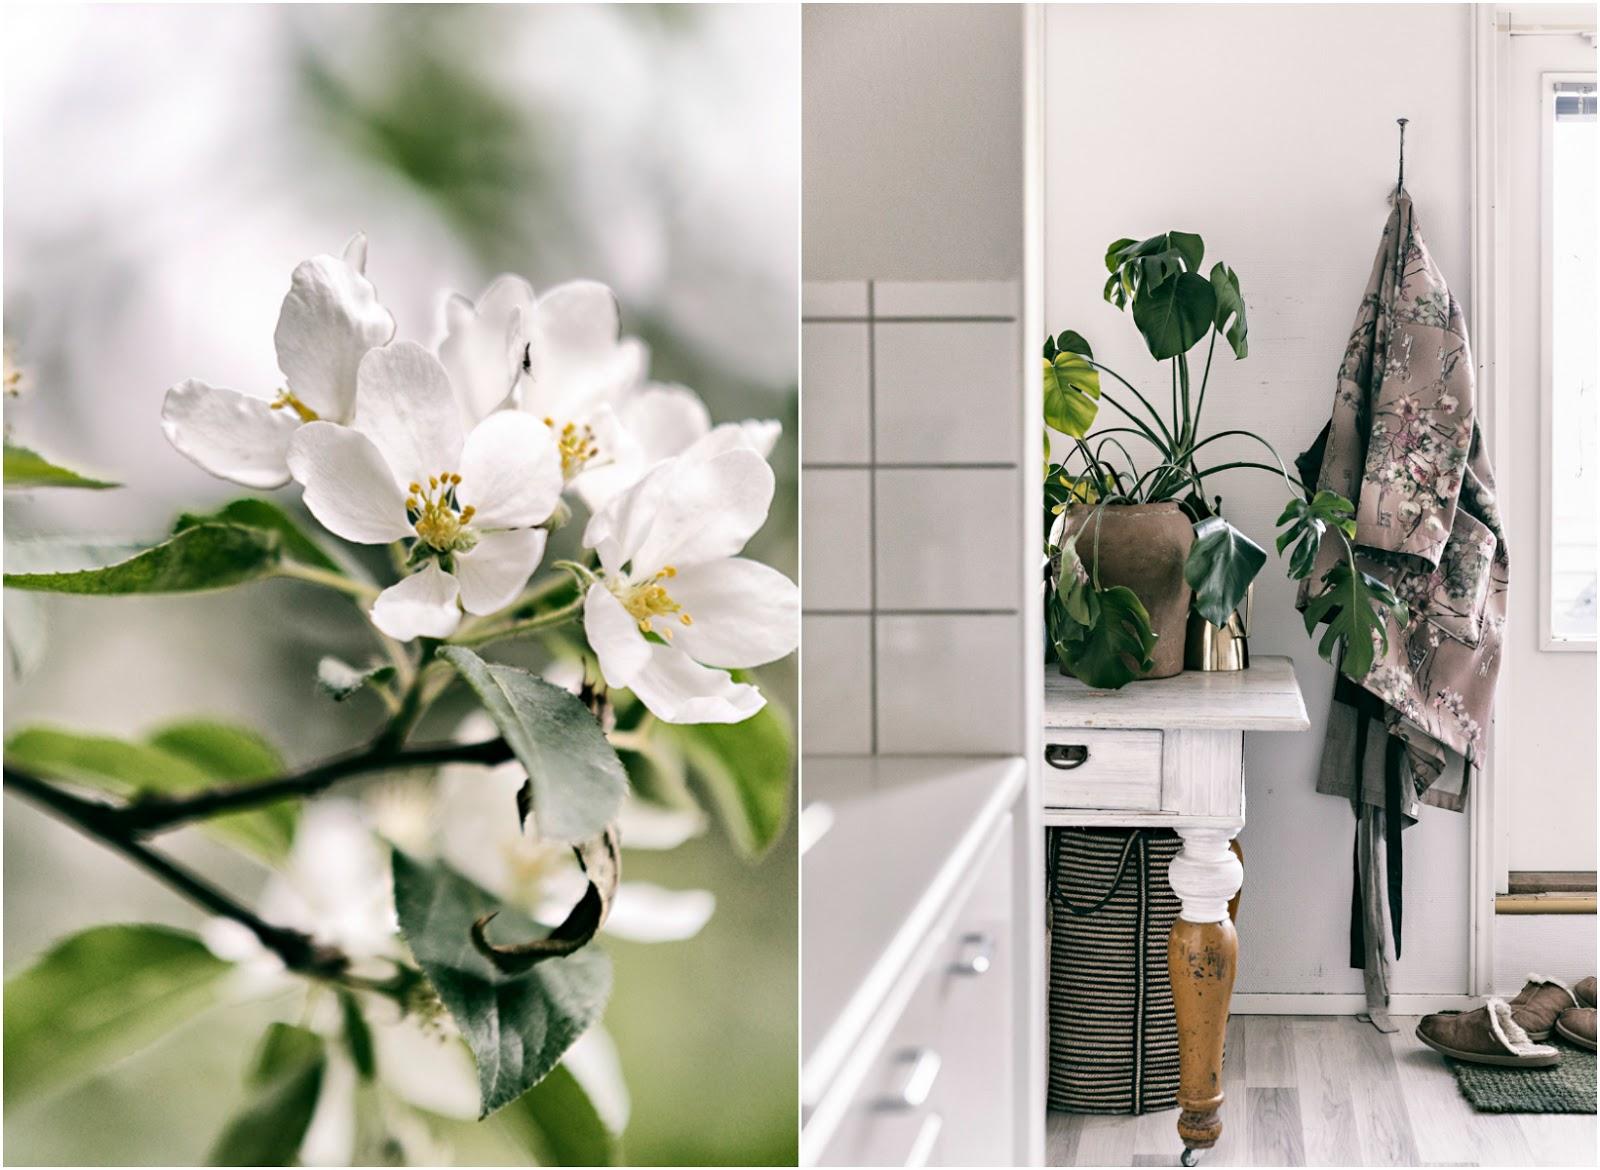 sisustus, sisustaminen, sisustusinspiraatio, koti, keittiö, vihersisustaminen, omenankukat, blossom, hyvä elämä, oma koti, valokuvaus, elämä, Visualaddict, valokuvaaja, Frida Steiner, Visualaddictfrida,